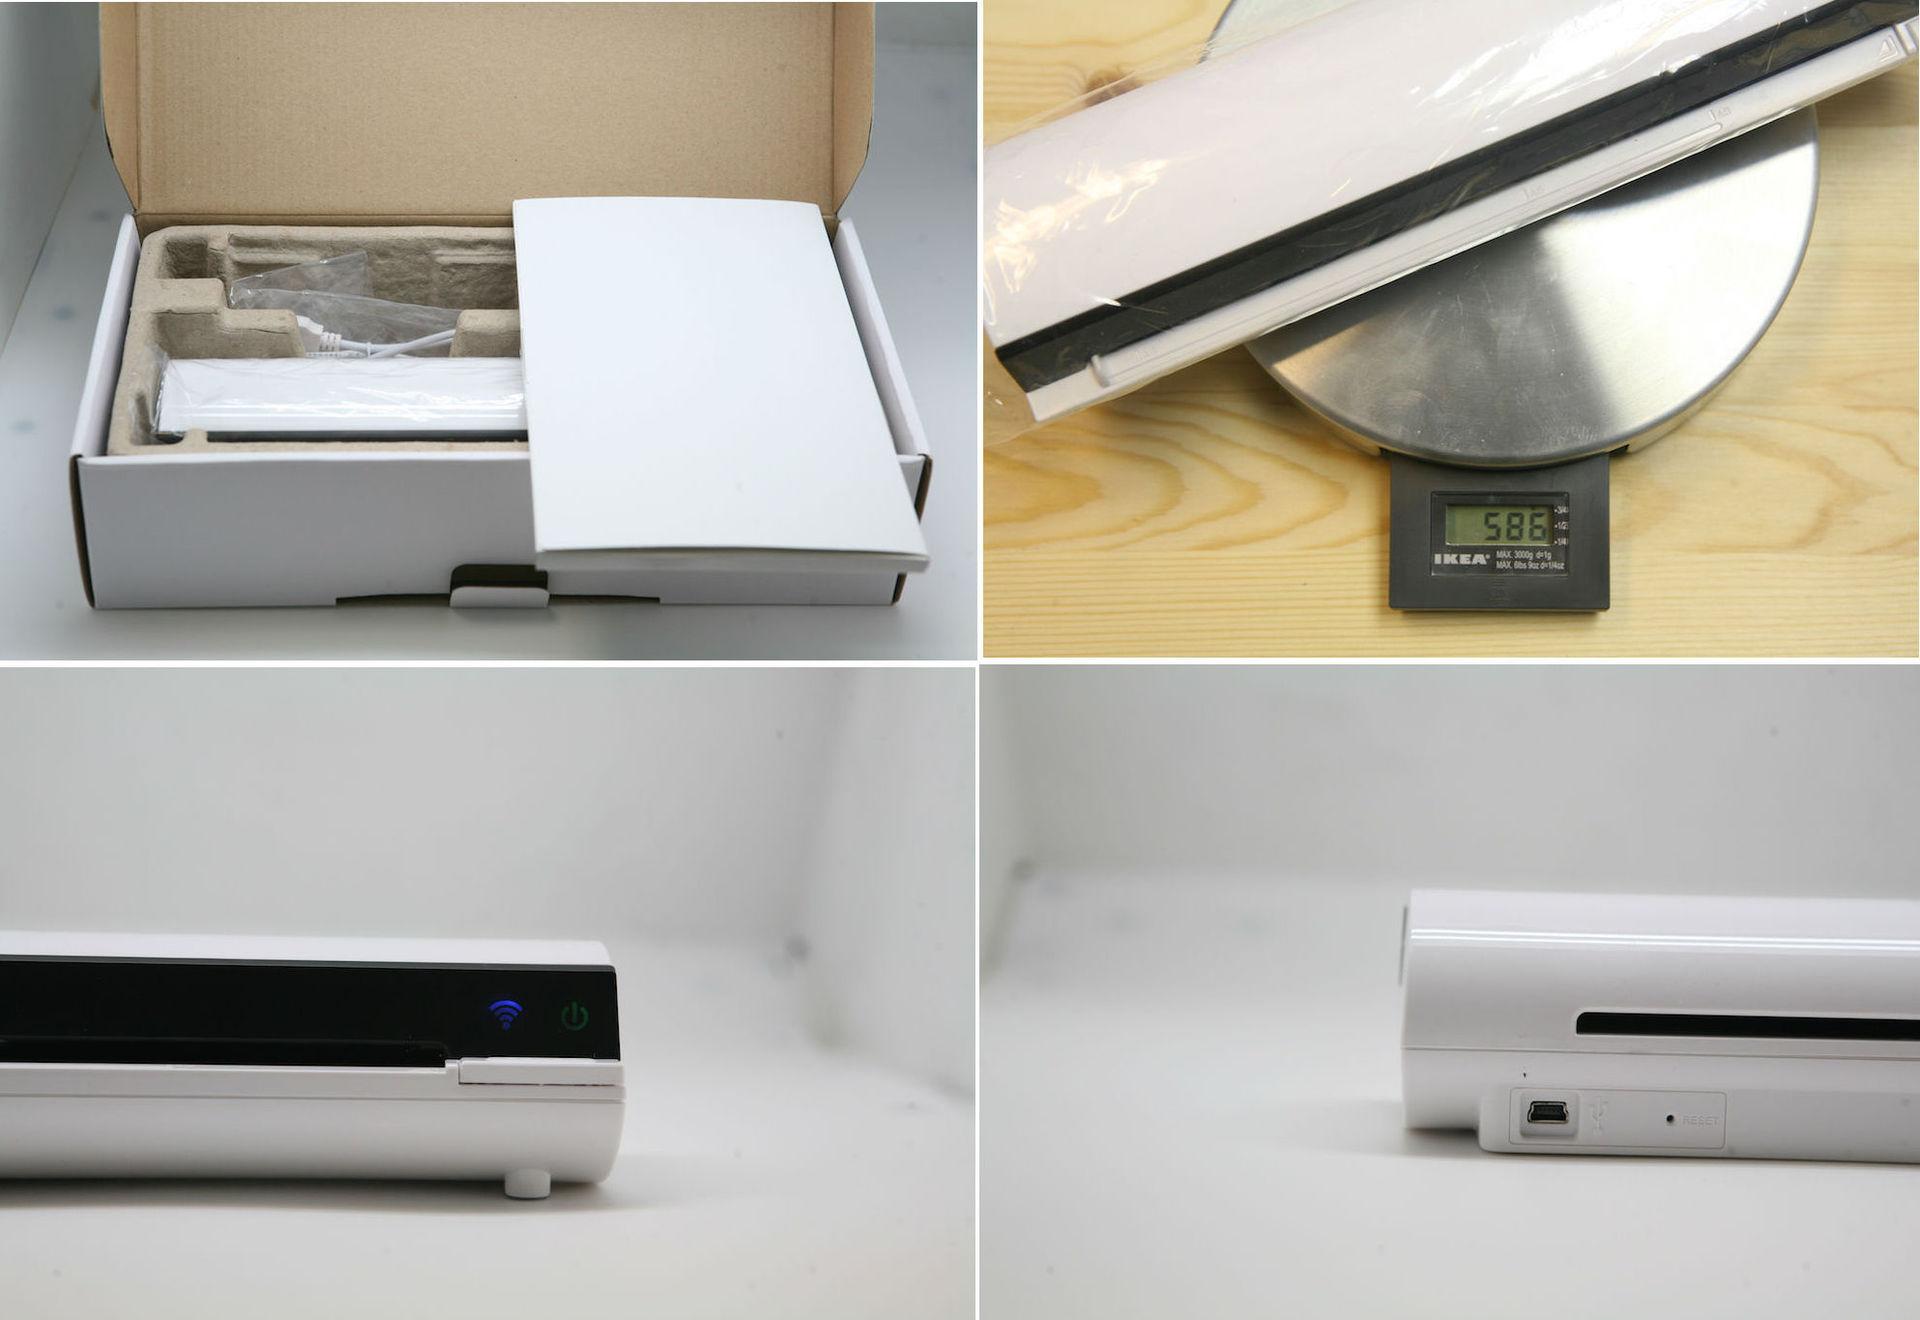 IScan Air — беспроводной портативный Wi-Fi сканер: обзор, характеристики, принцип работы - 2